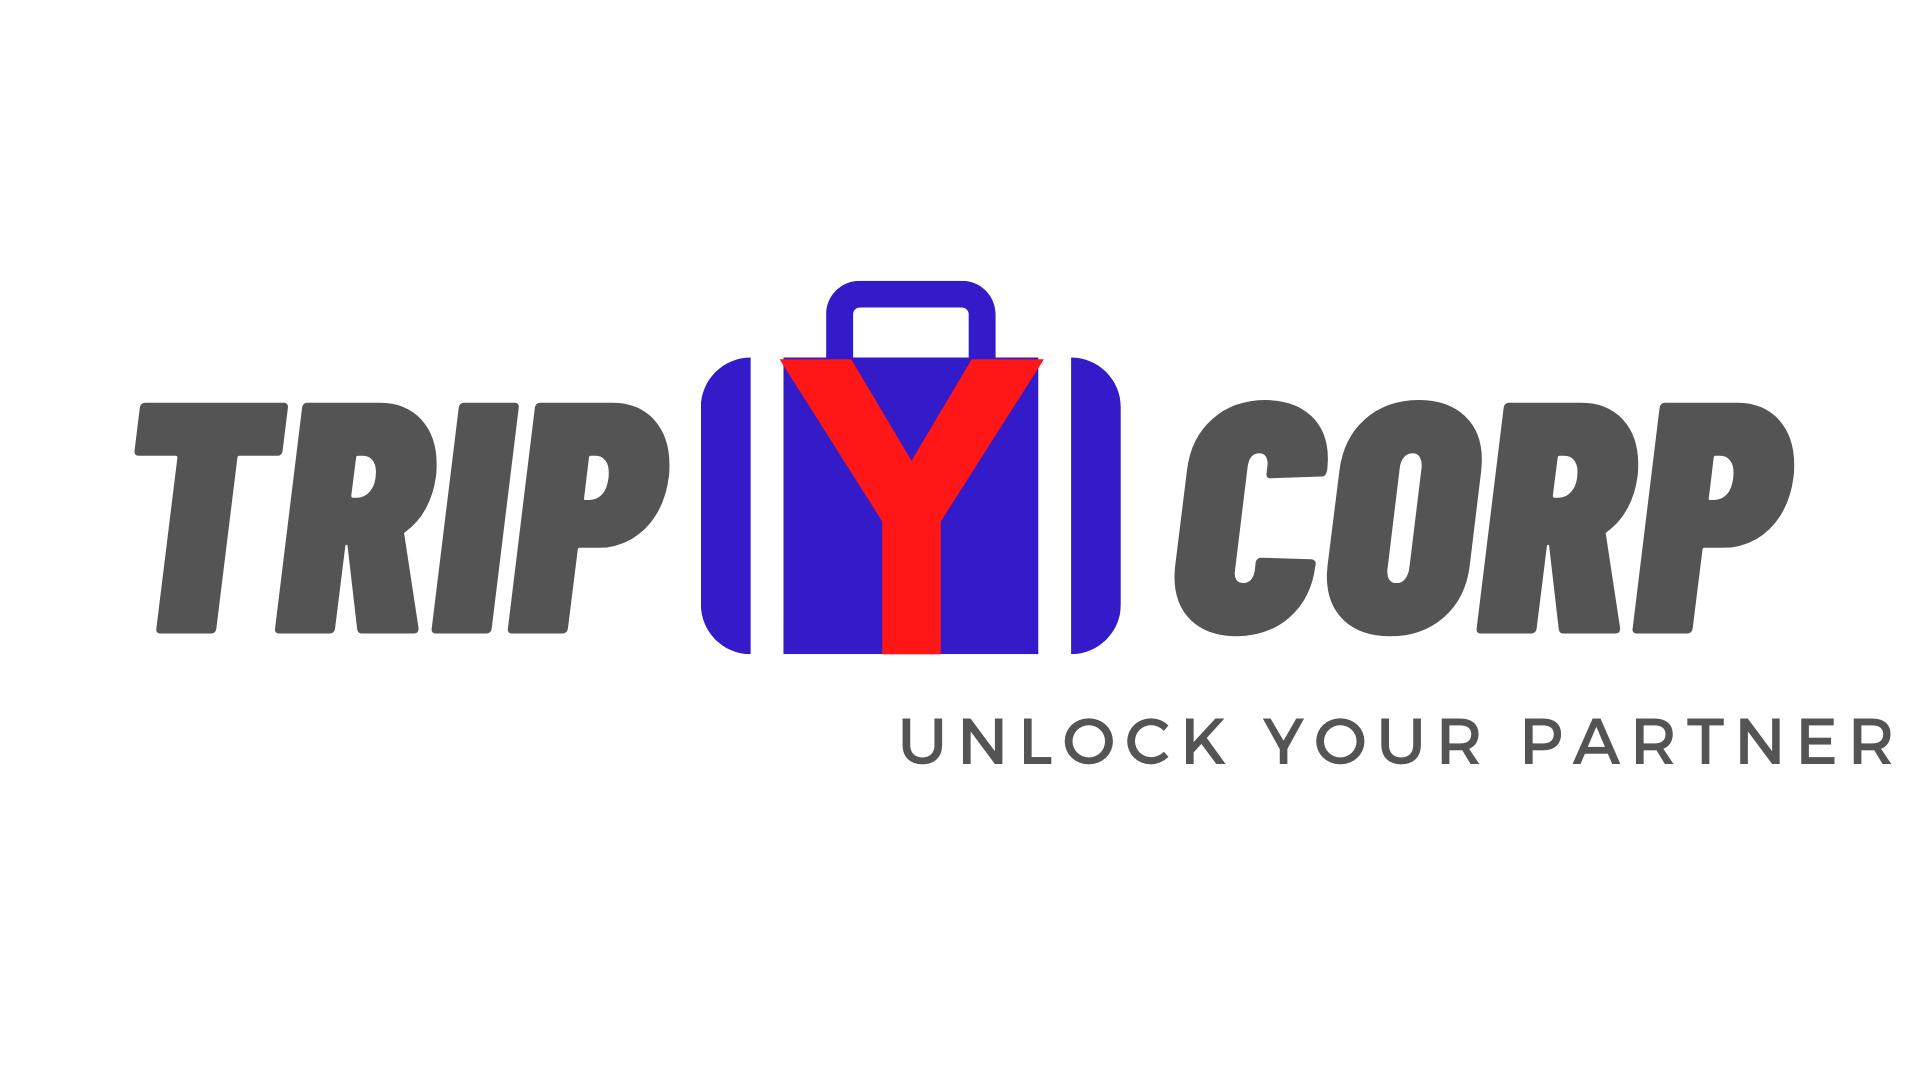 Tripycorp